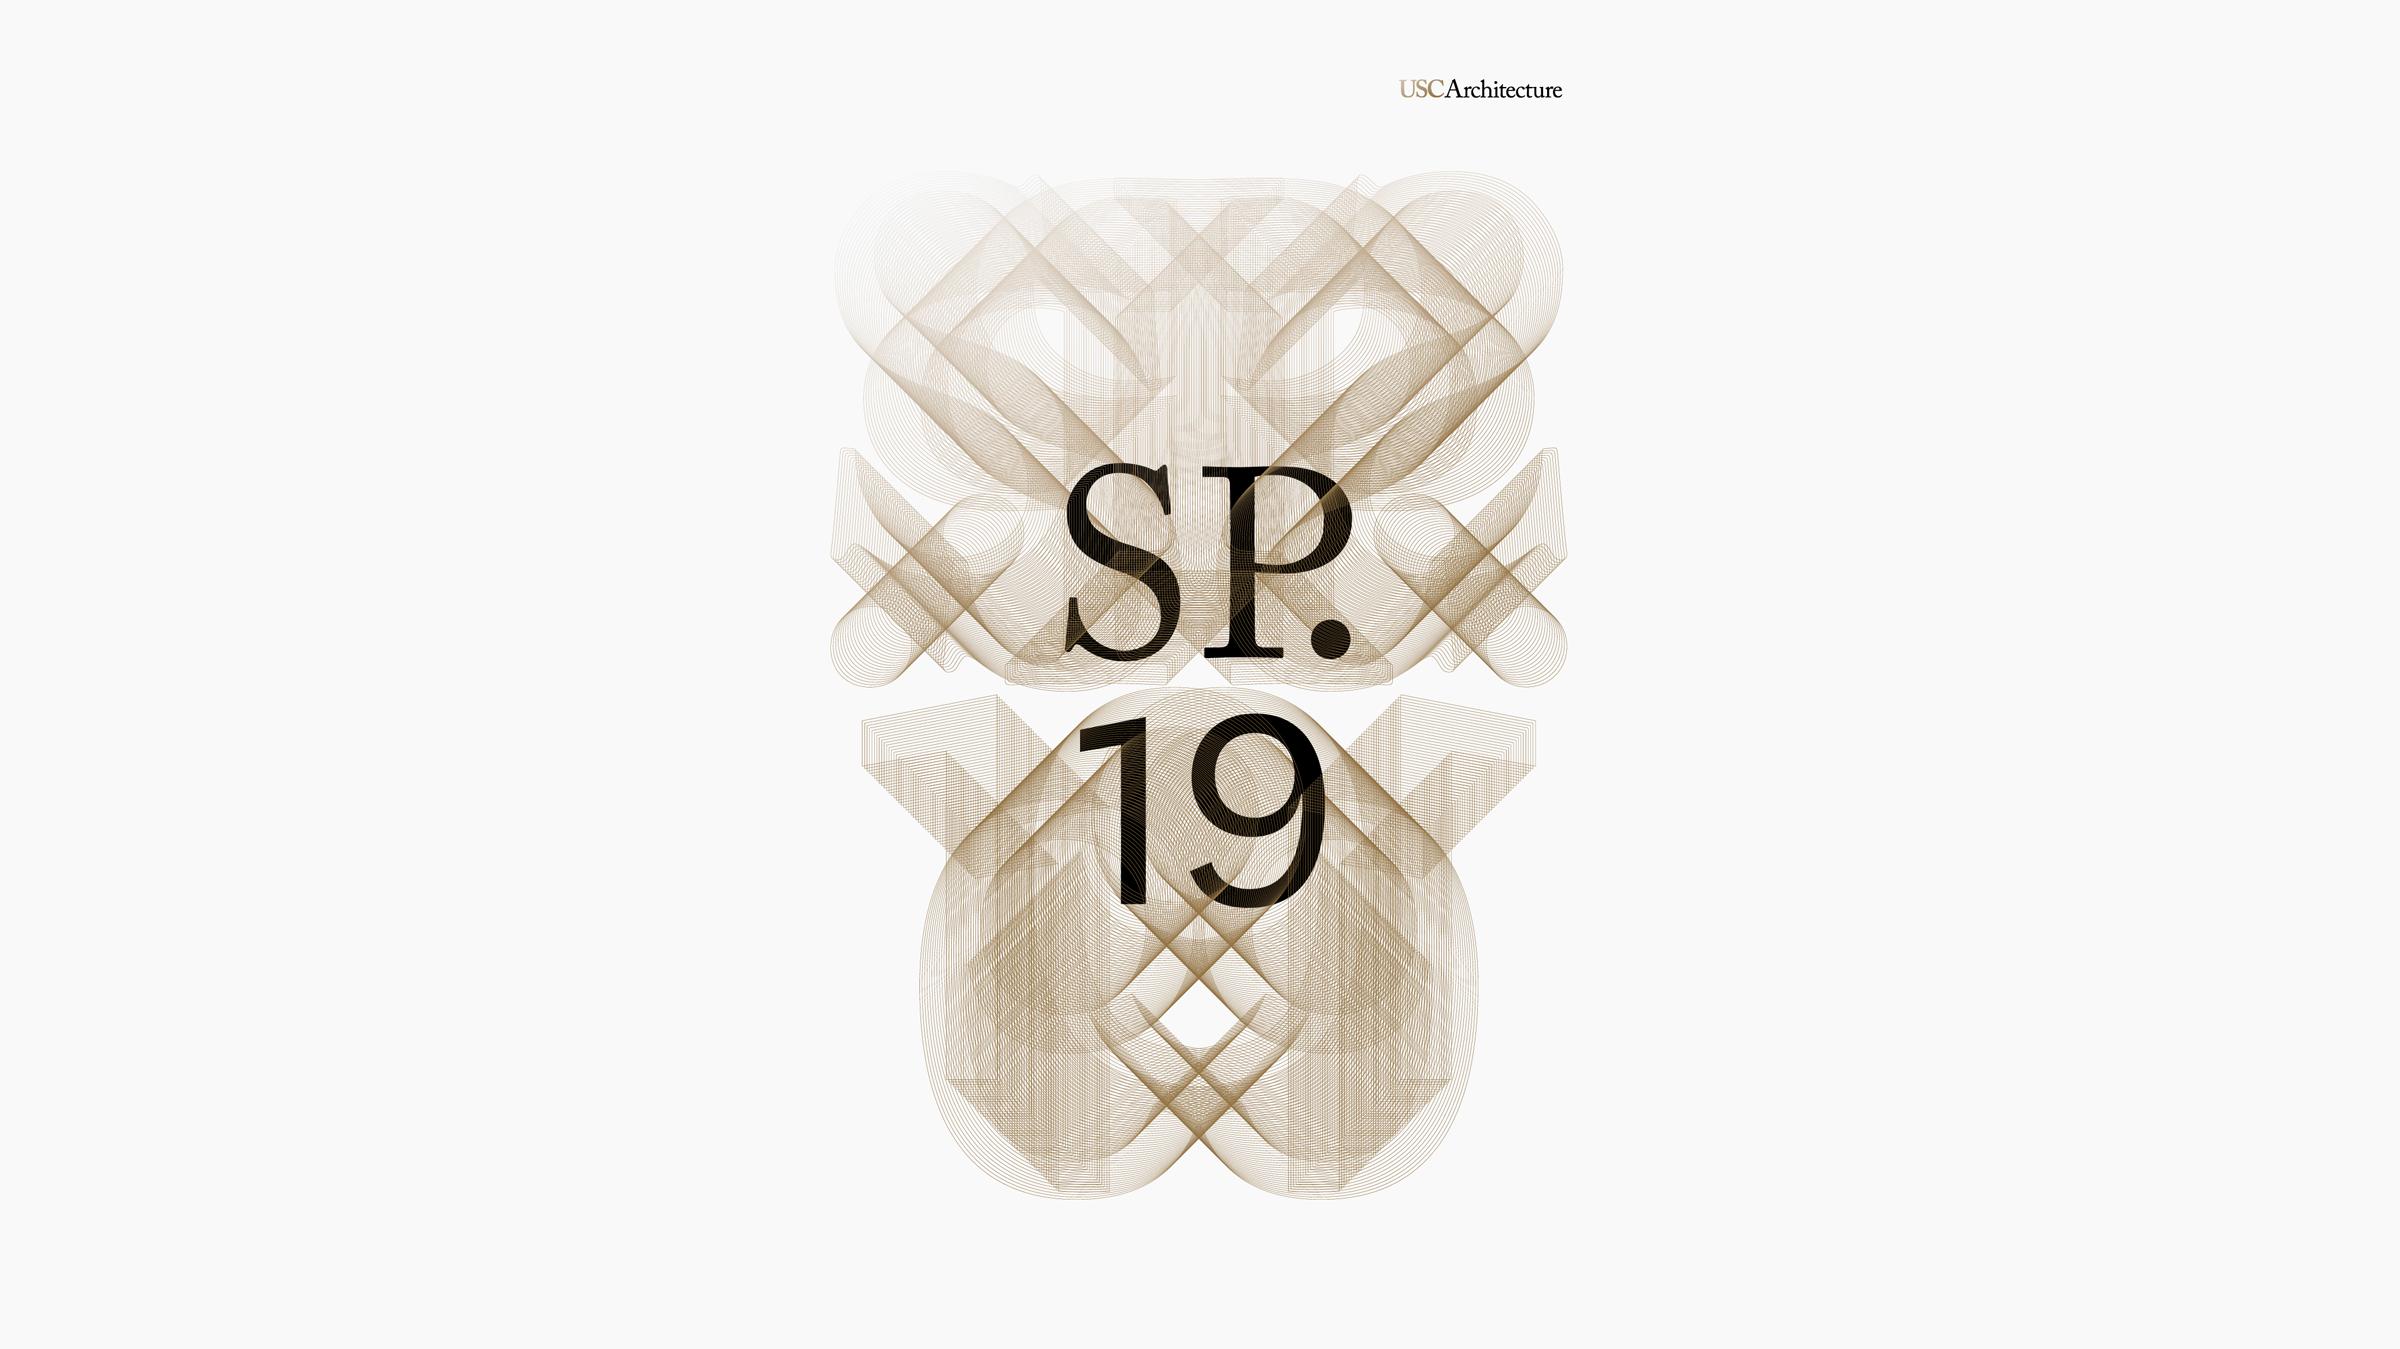 USC Architecture Unveils Spring 2019 Public Lectures & Events Program